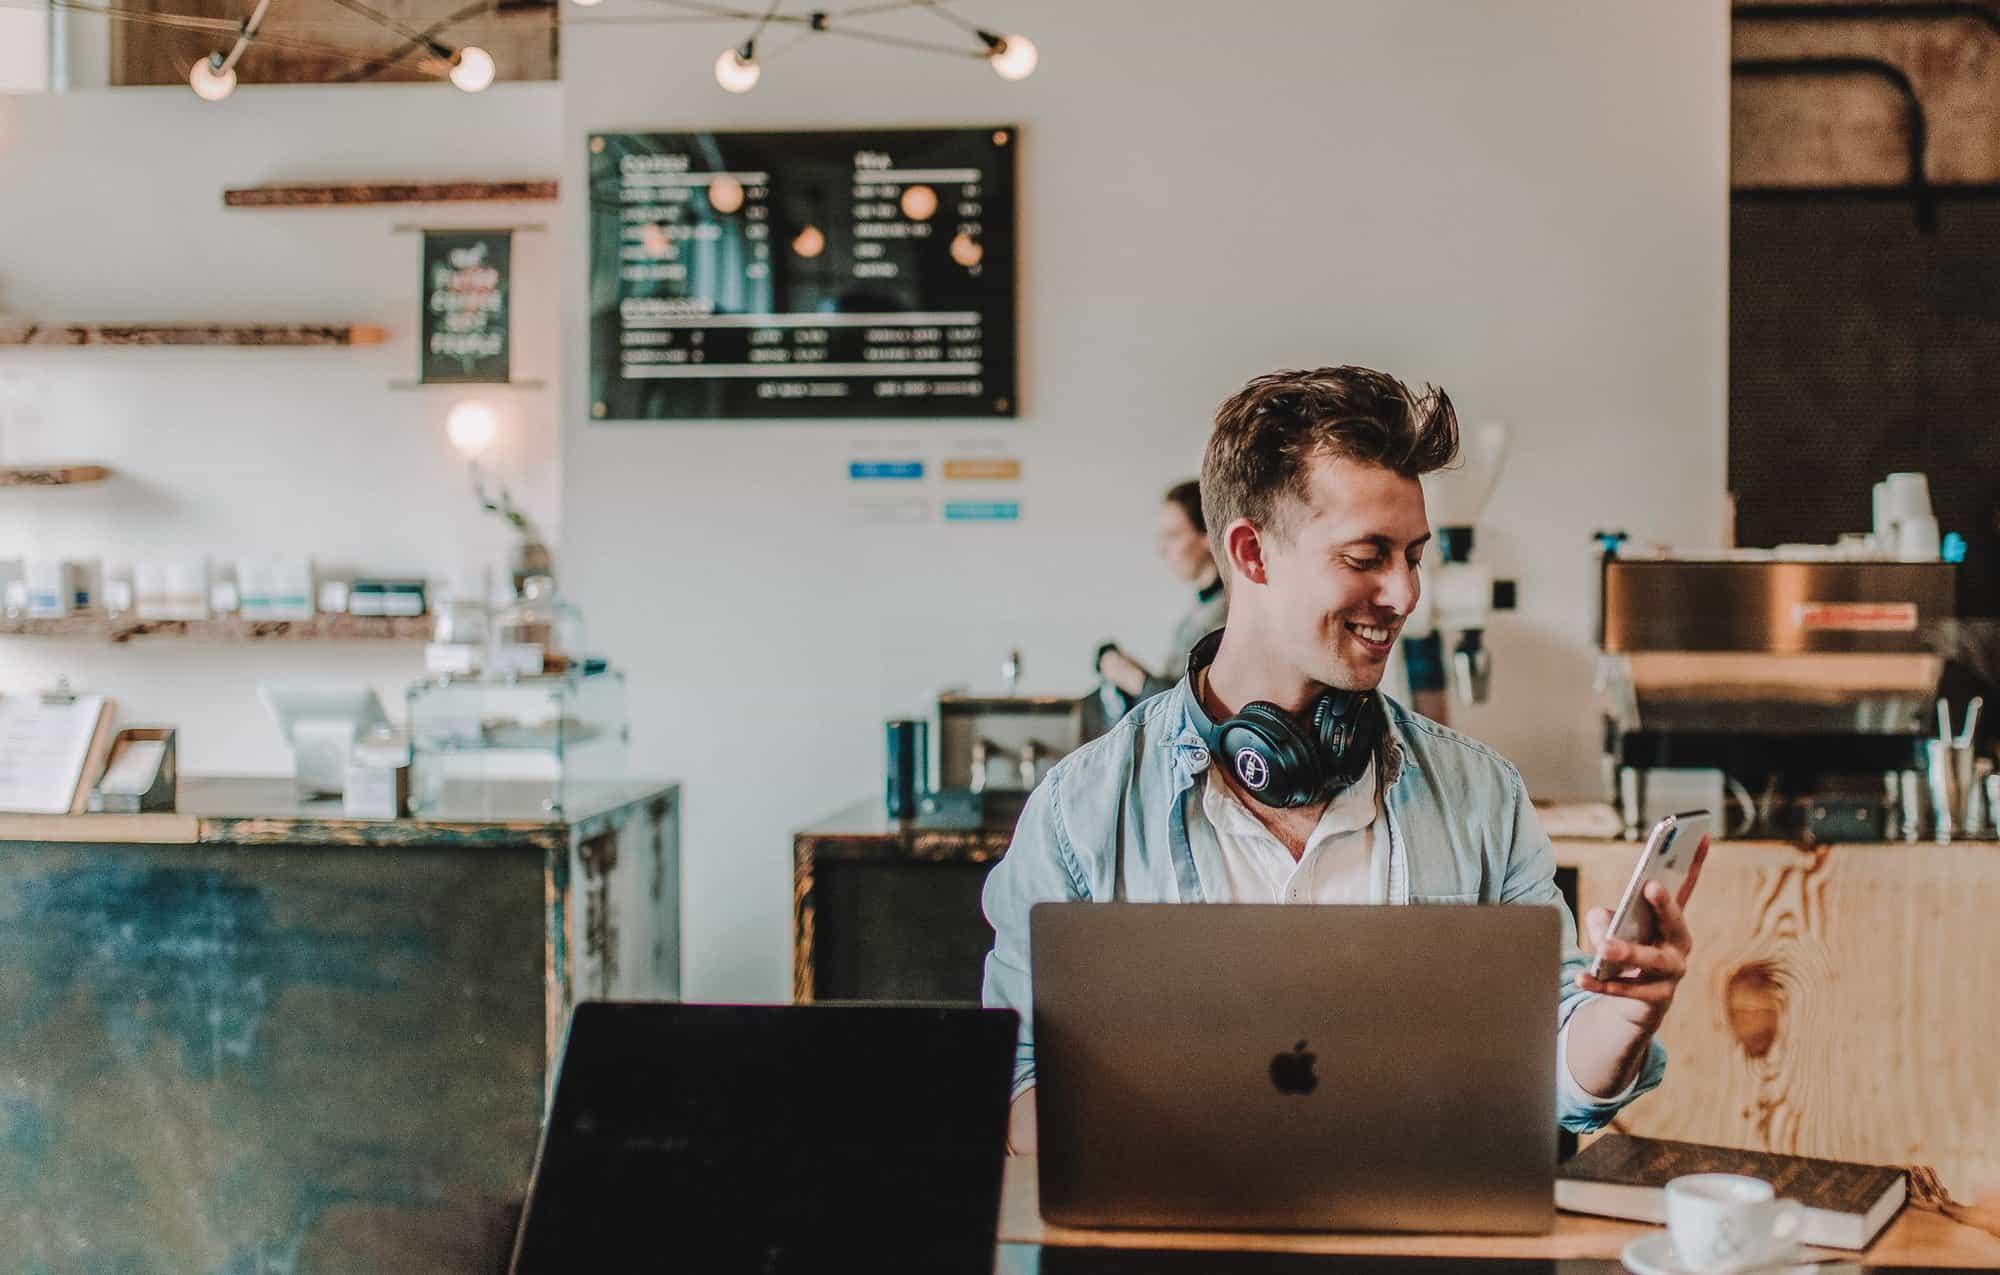 Haftpflichtversicherung für Onlineunternehmen